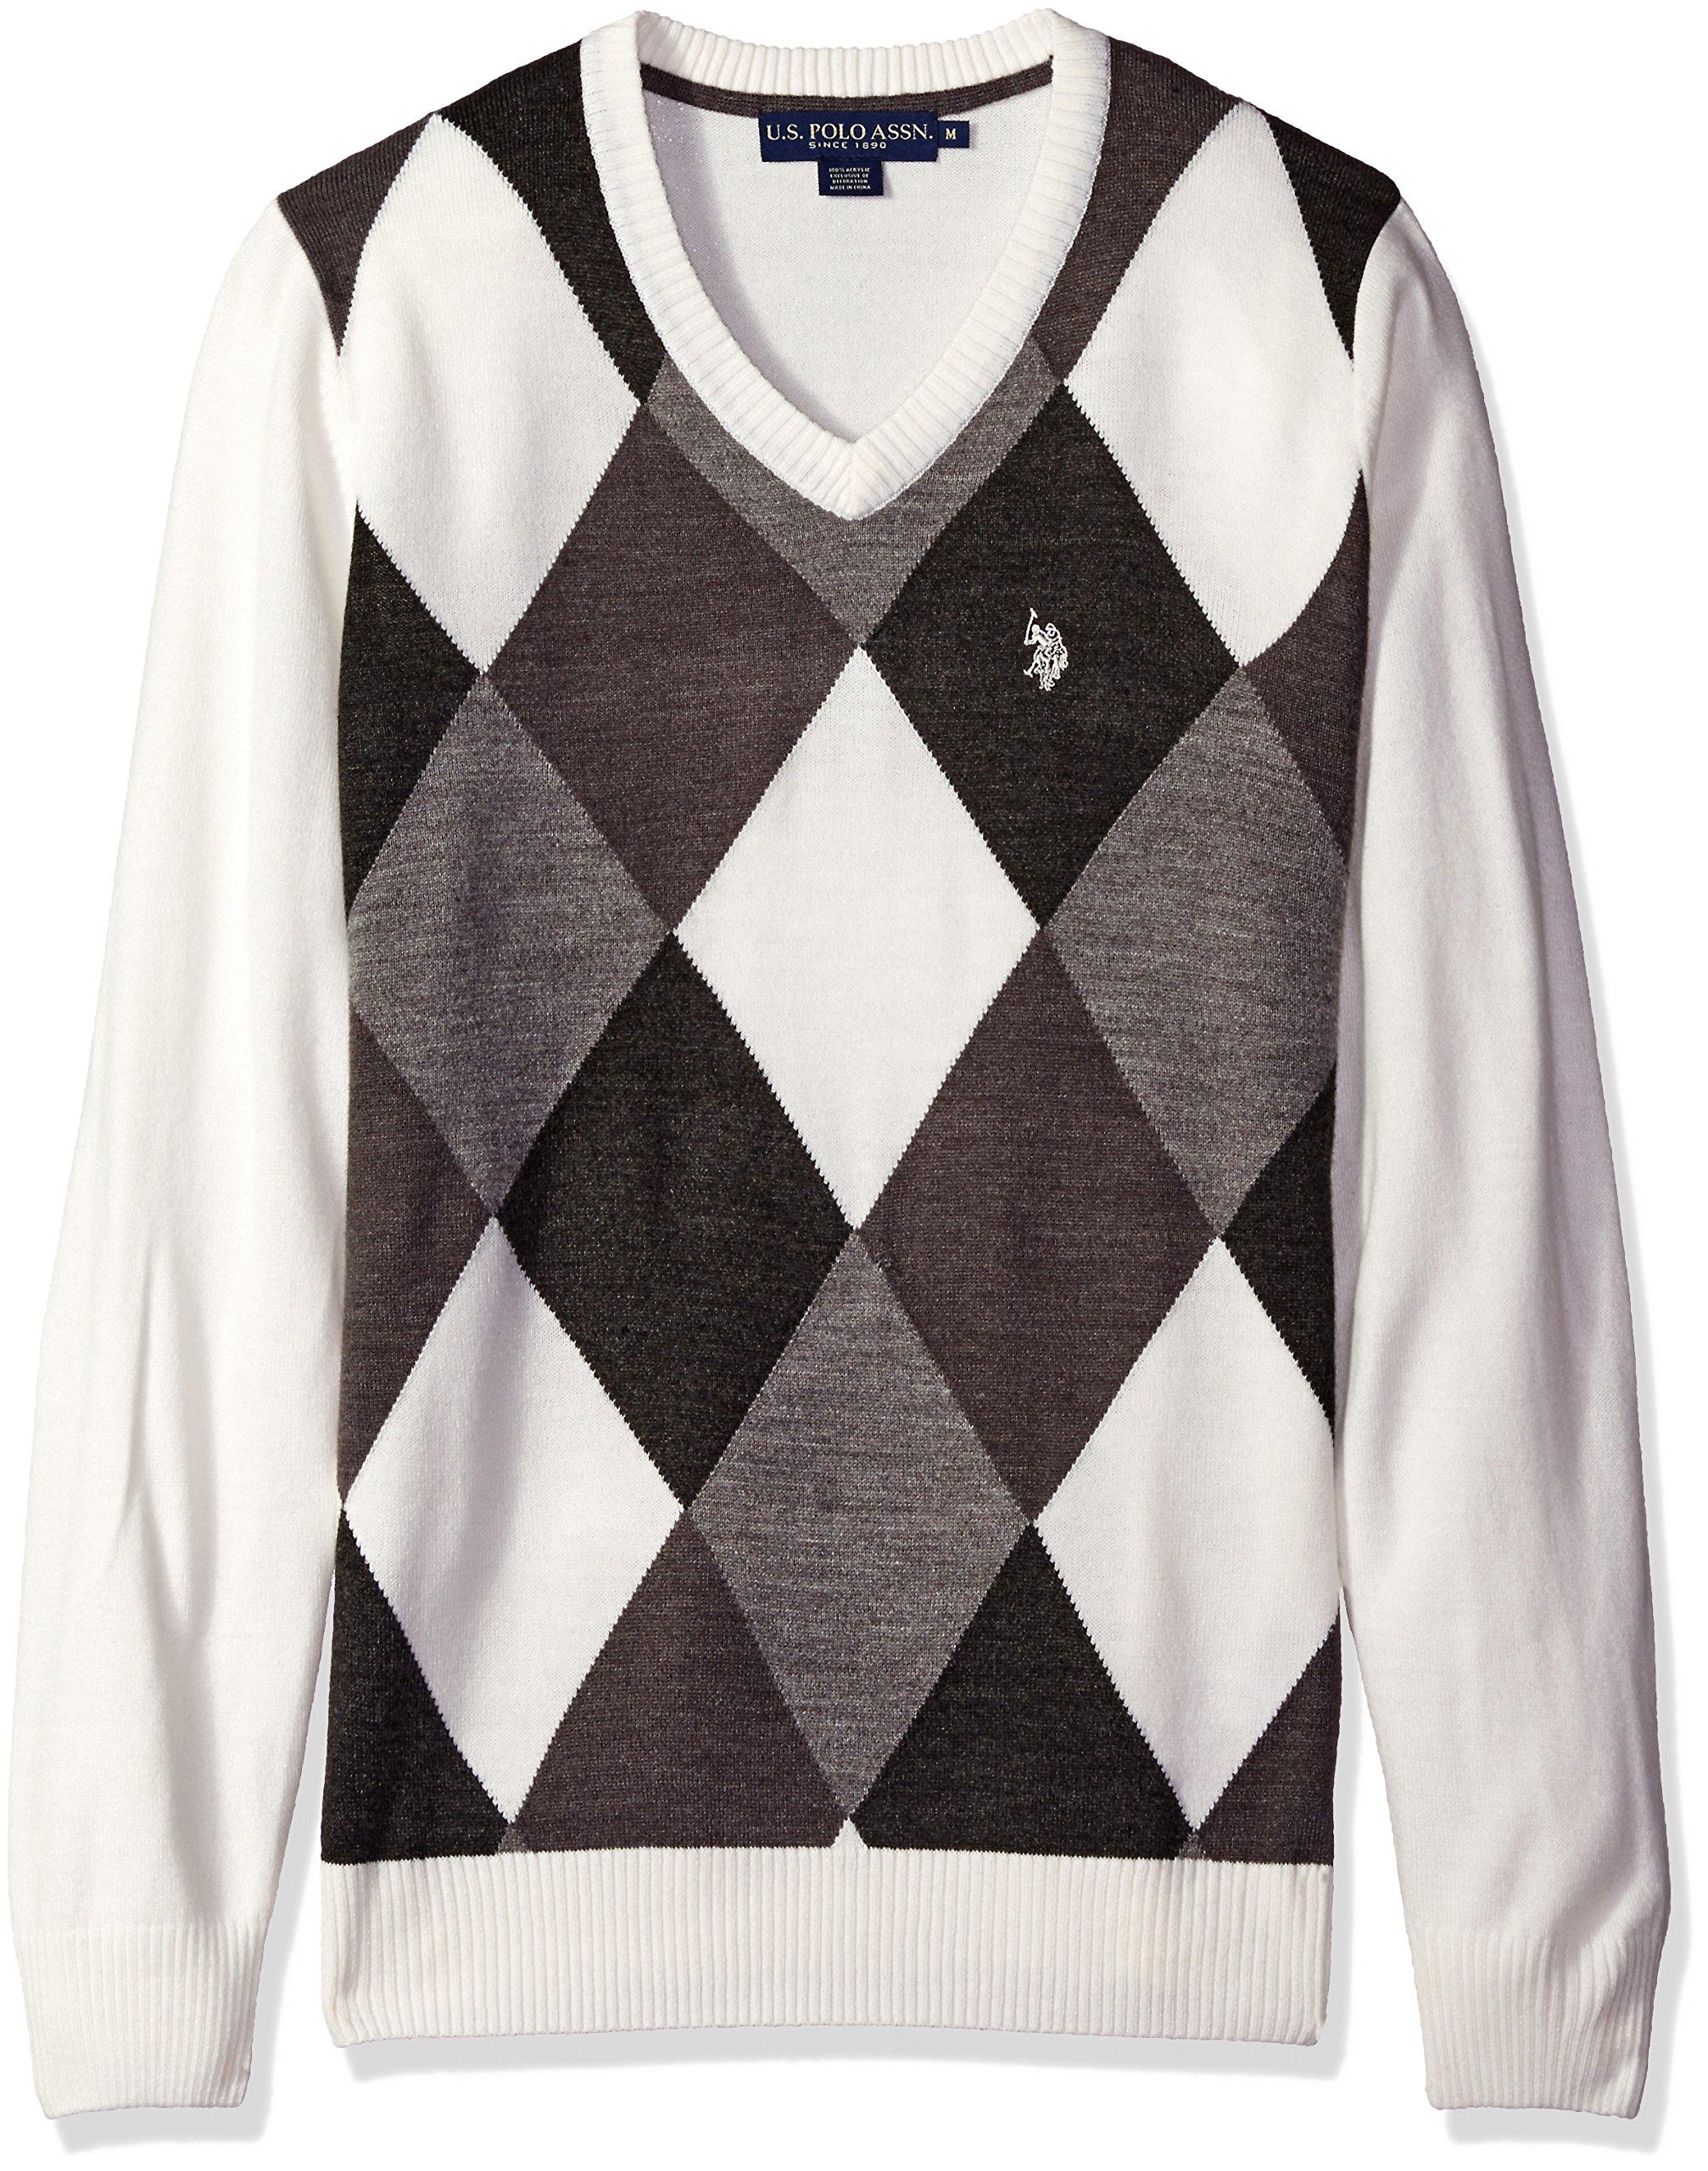 U.S. Polo Assn. Men's Argyle V-Neck Sweater, Winter White, Medium by U.S. Polo Assn.